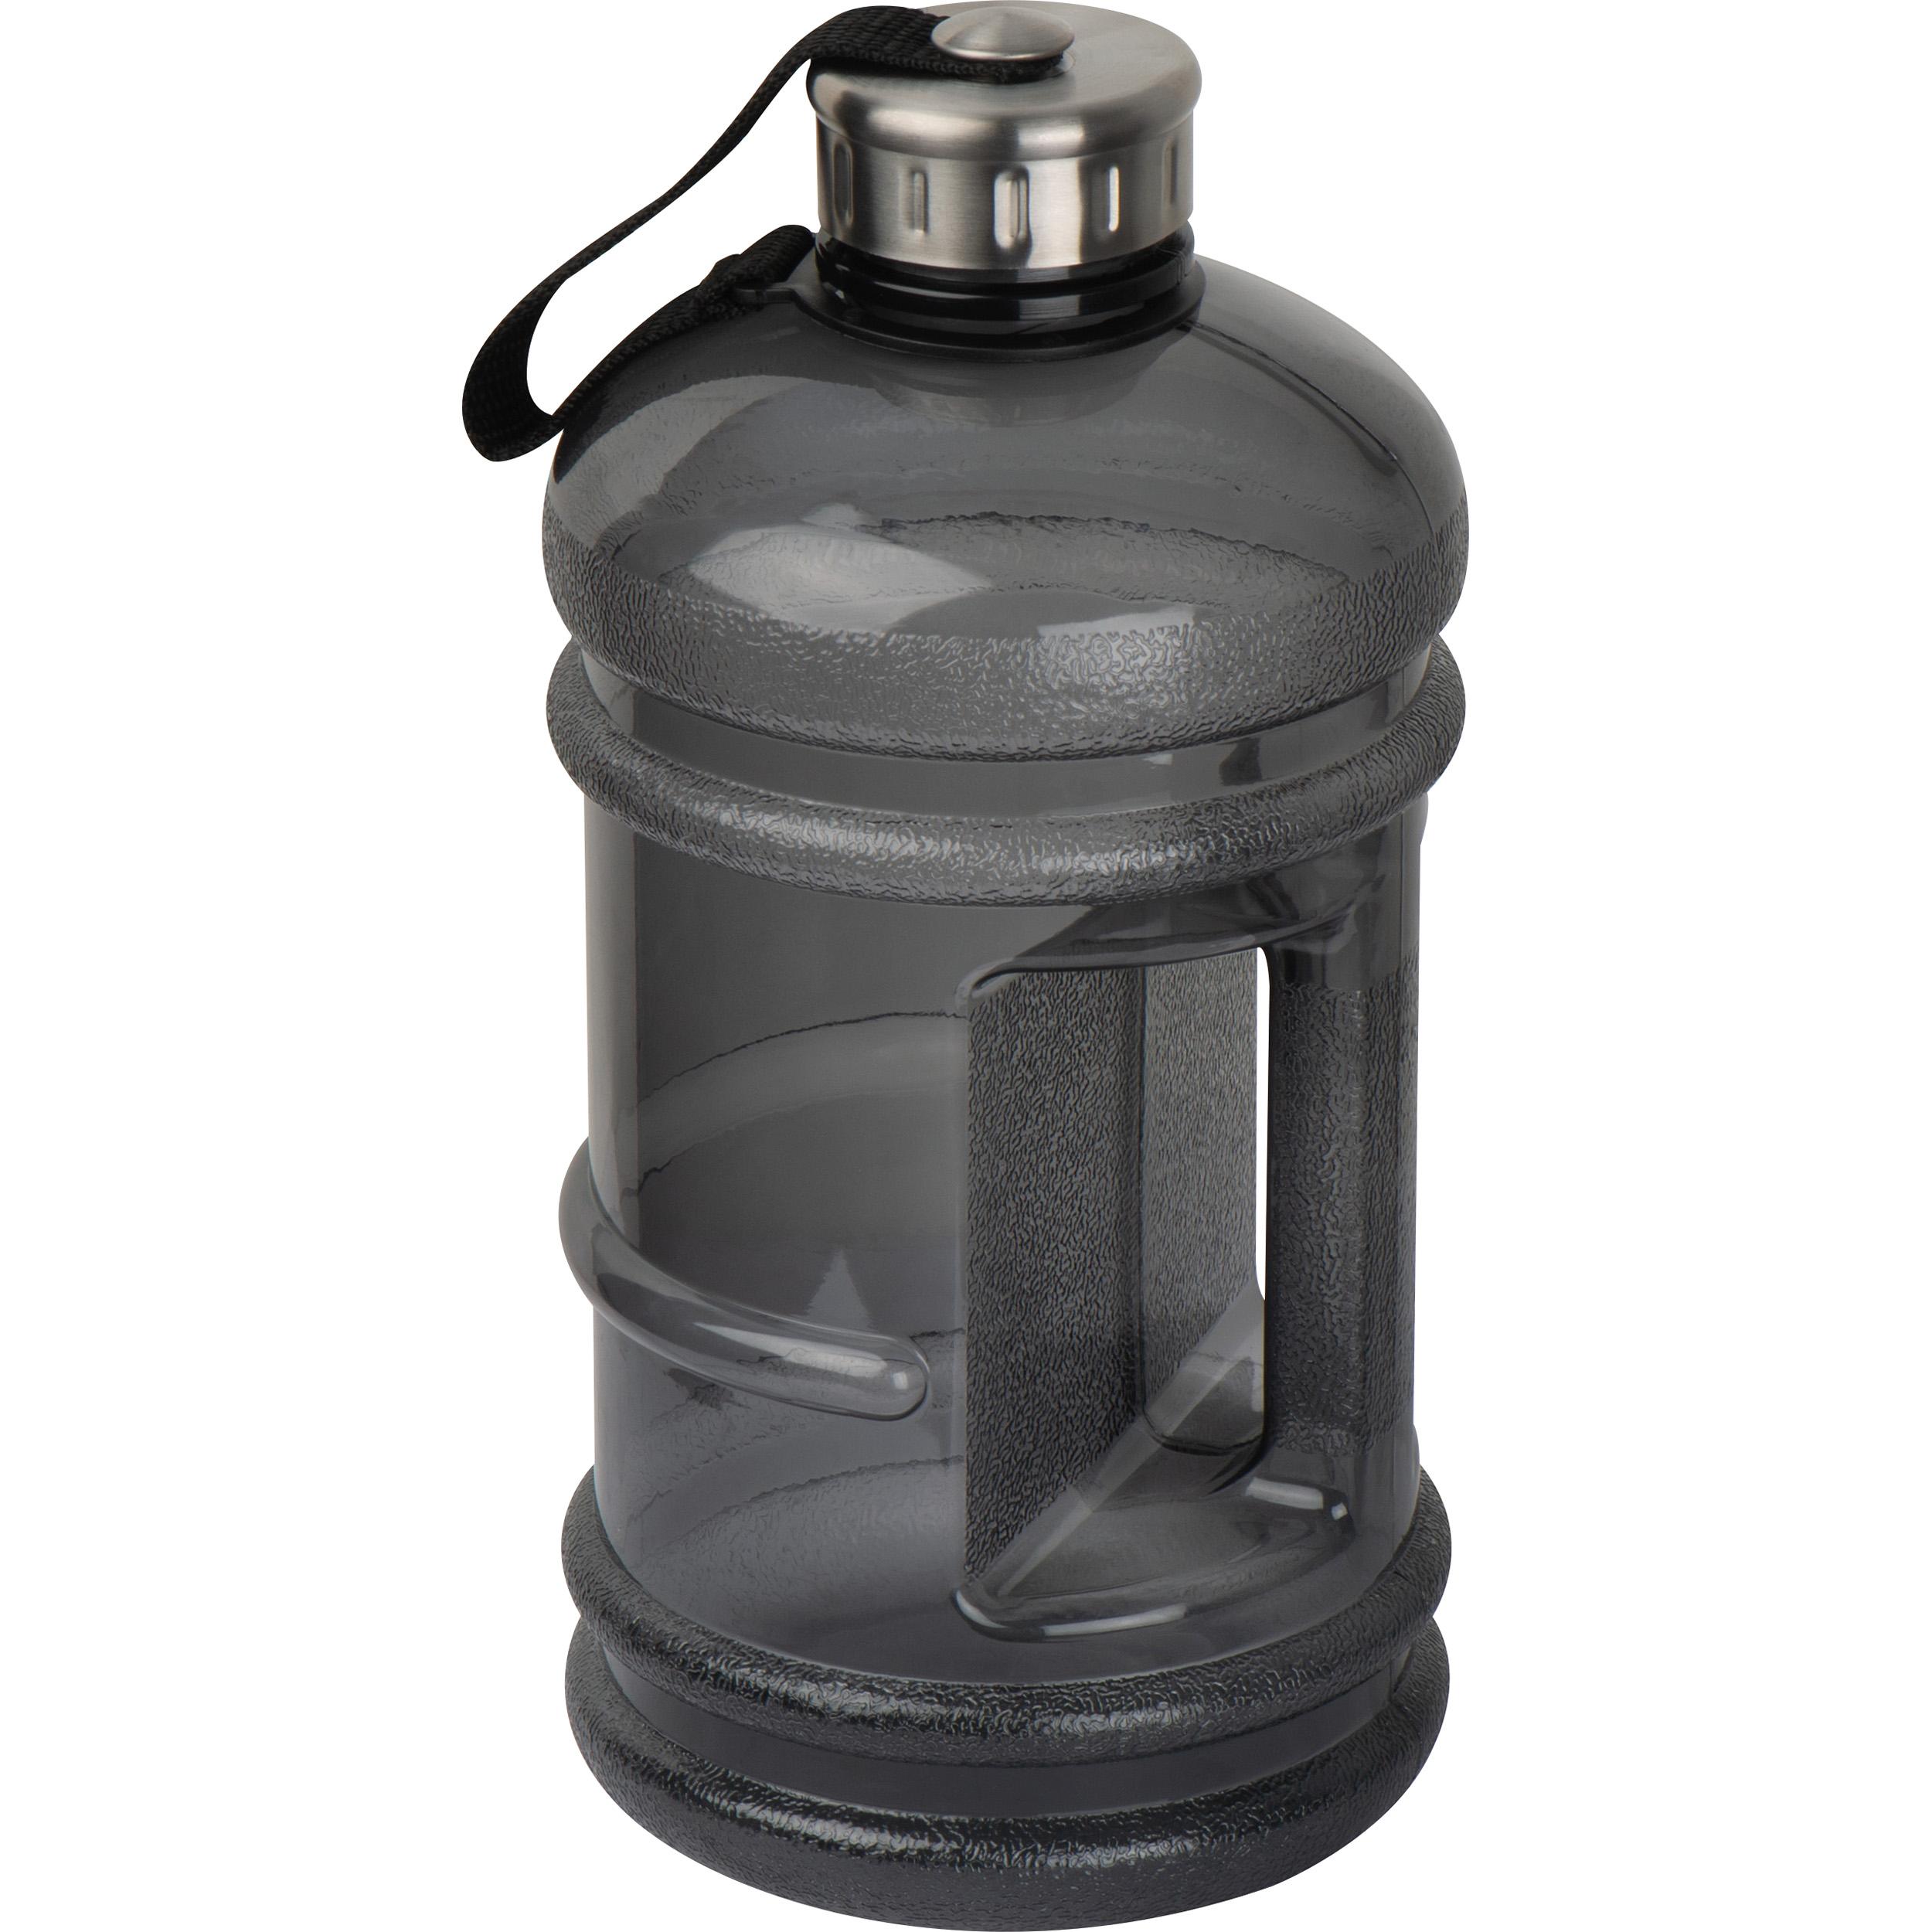 Fitness dumbbell drinking bottle